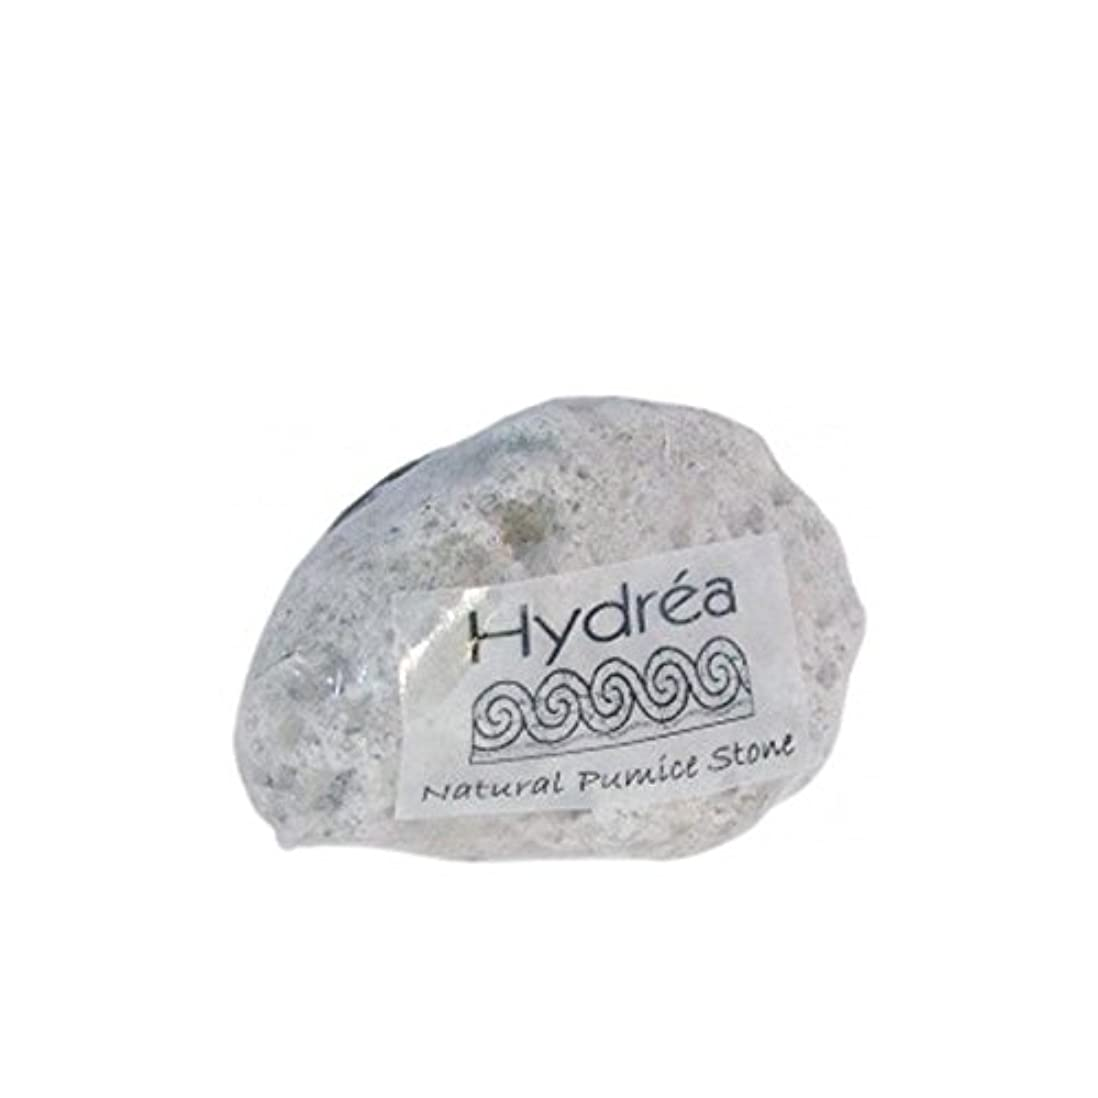 しがみつく早めるオートメーションハイドレアロンドン - 自然軽石 x2 - Hydrea London - Natural Pumice Stone (Pack of 2) [並行輸入品]